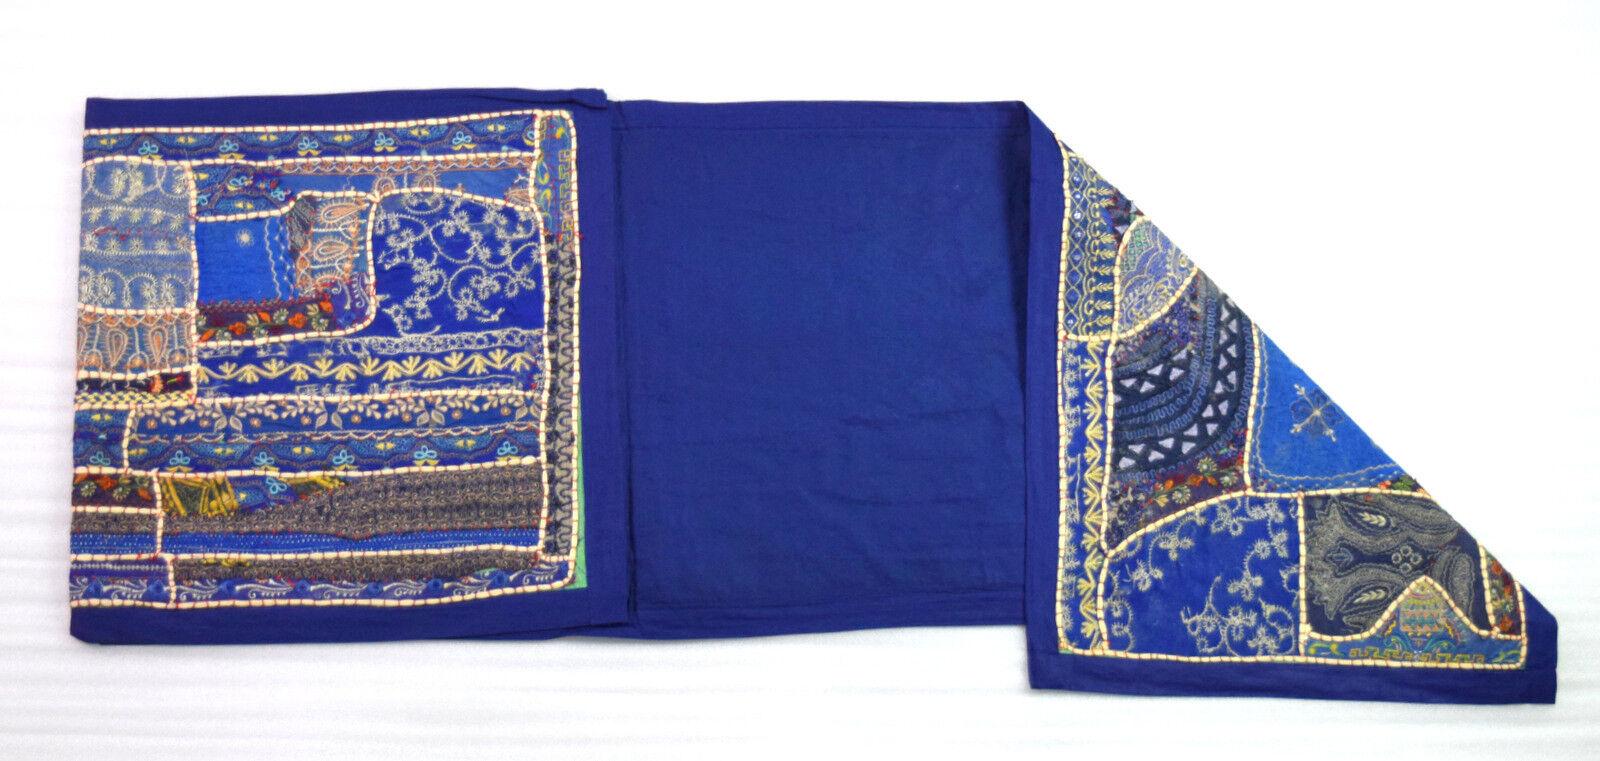 VINTAGE couleur bleue Handmade Tapestry Table Runner Fabulous Design. i17-230 US